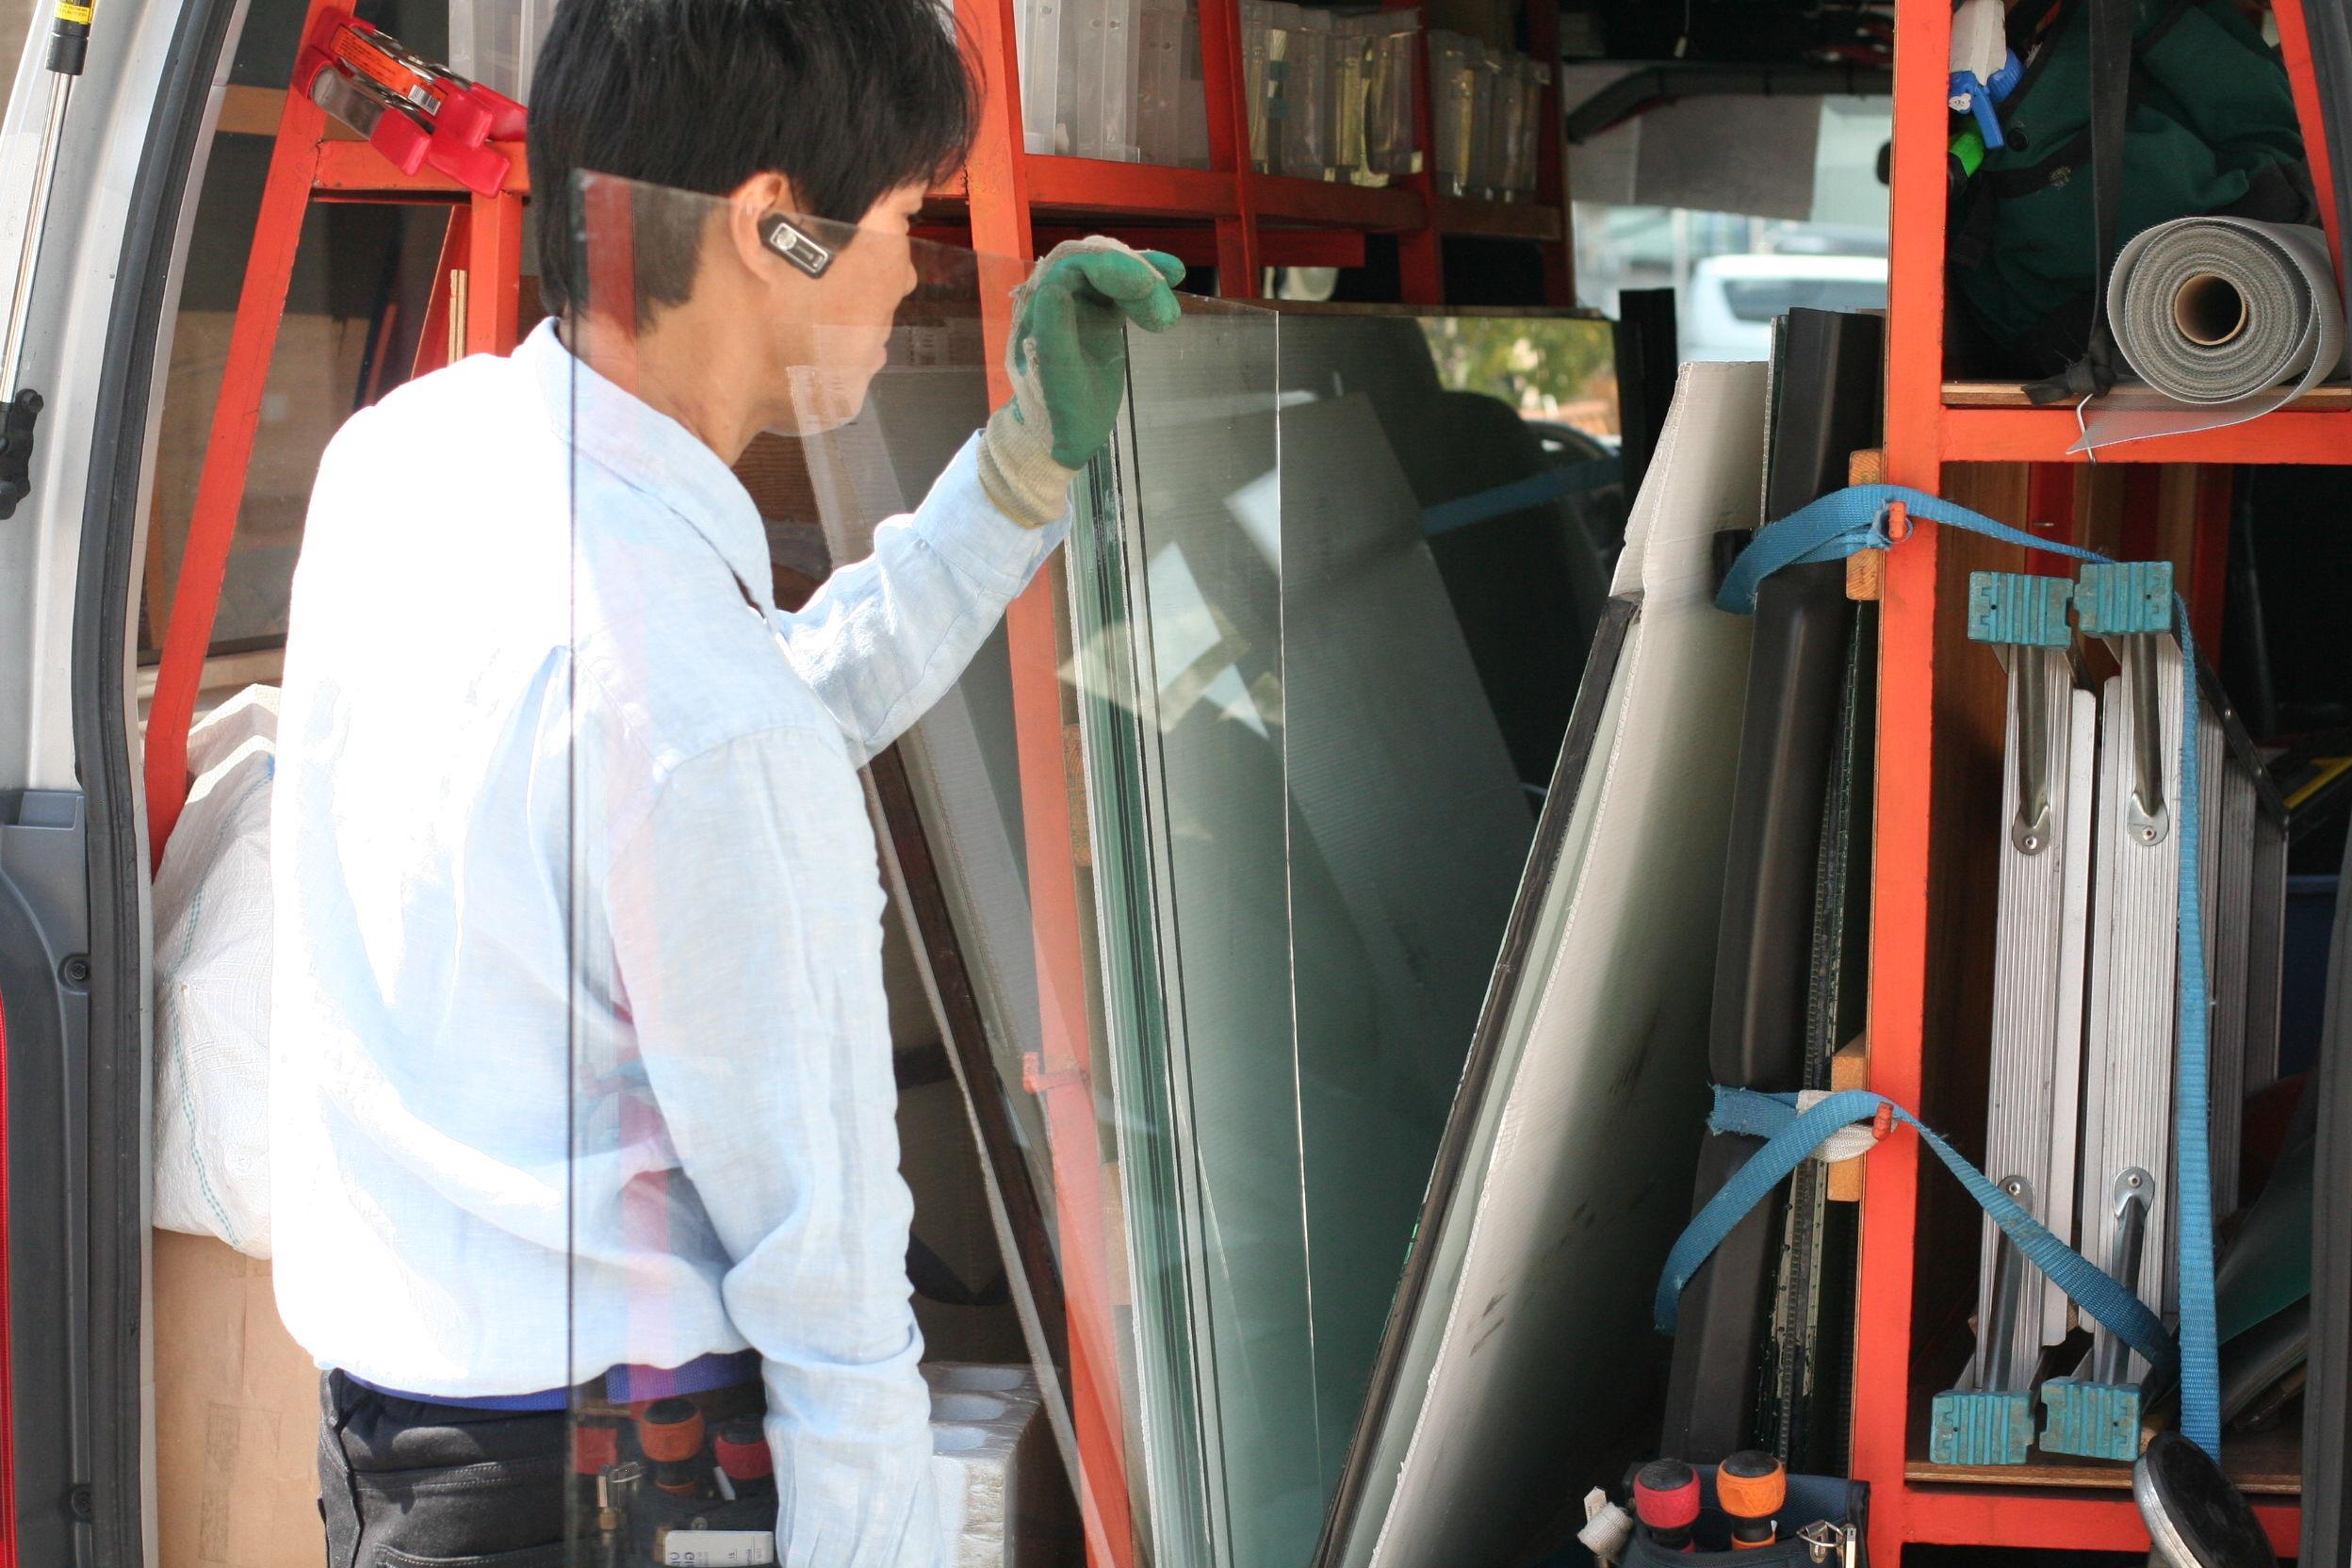 ガラスのトラブル救Q隊.24【三浦市 出張エリア】のメイン画像